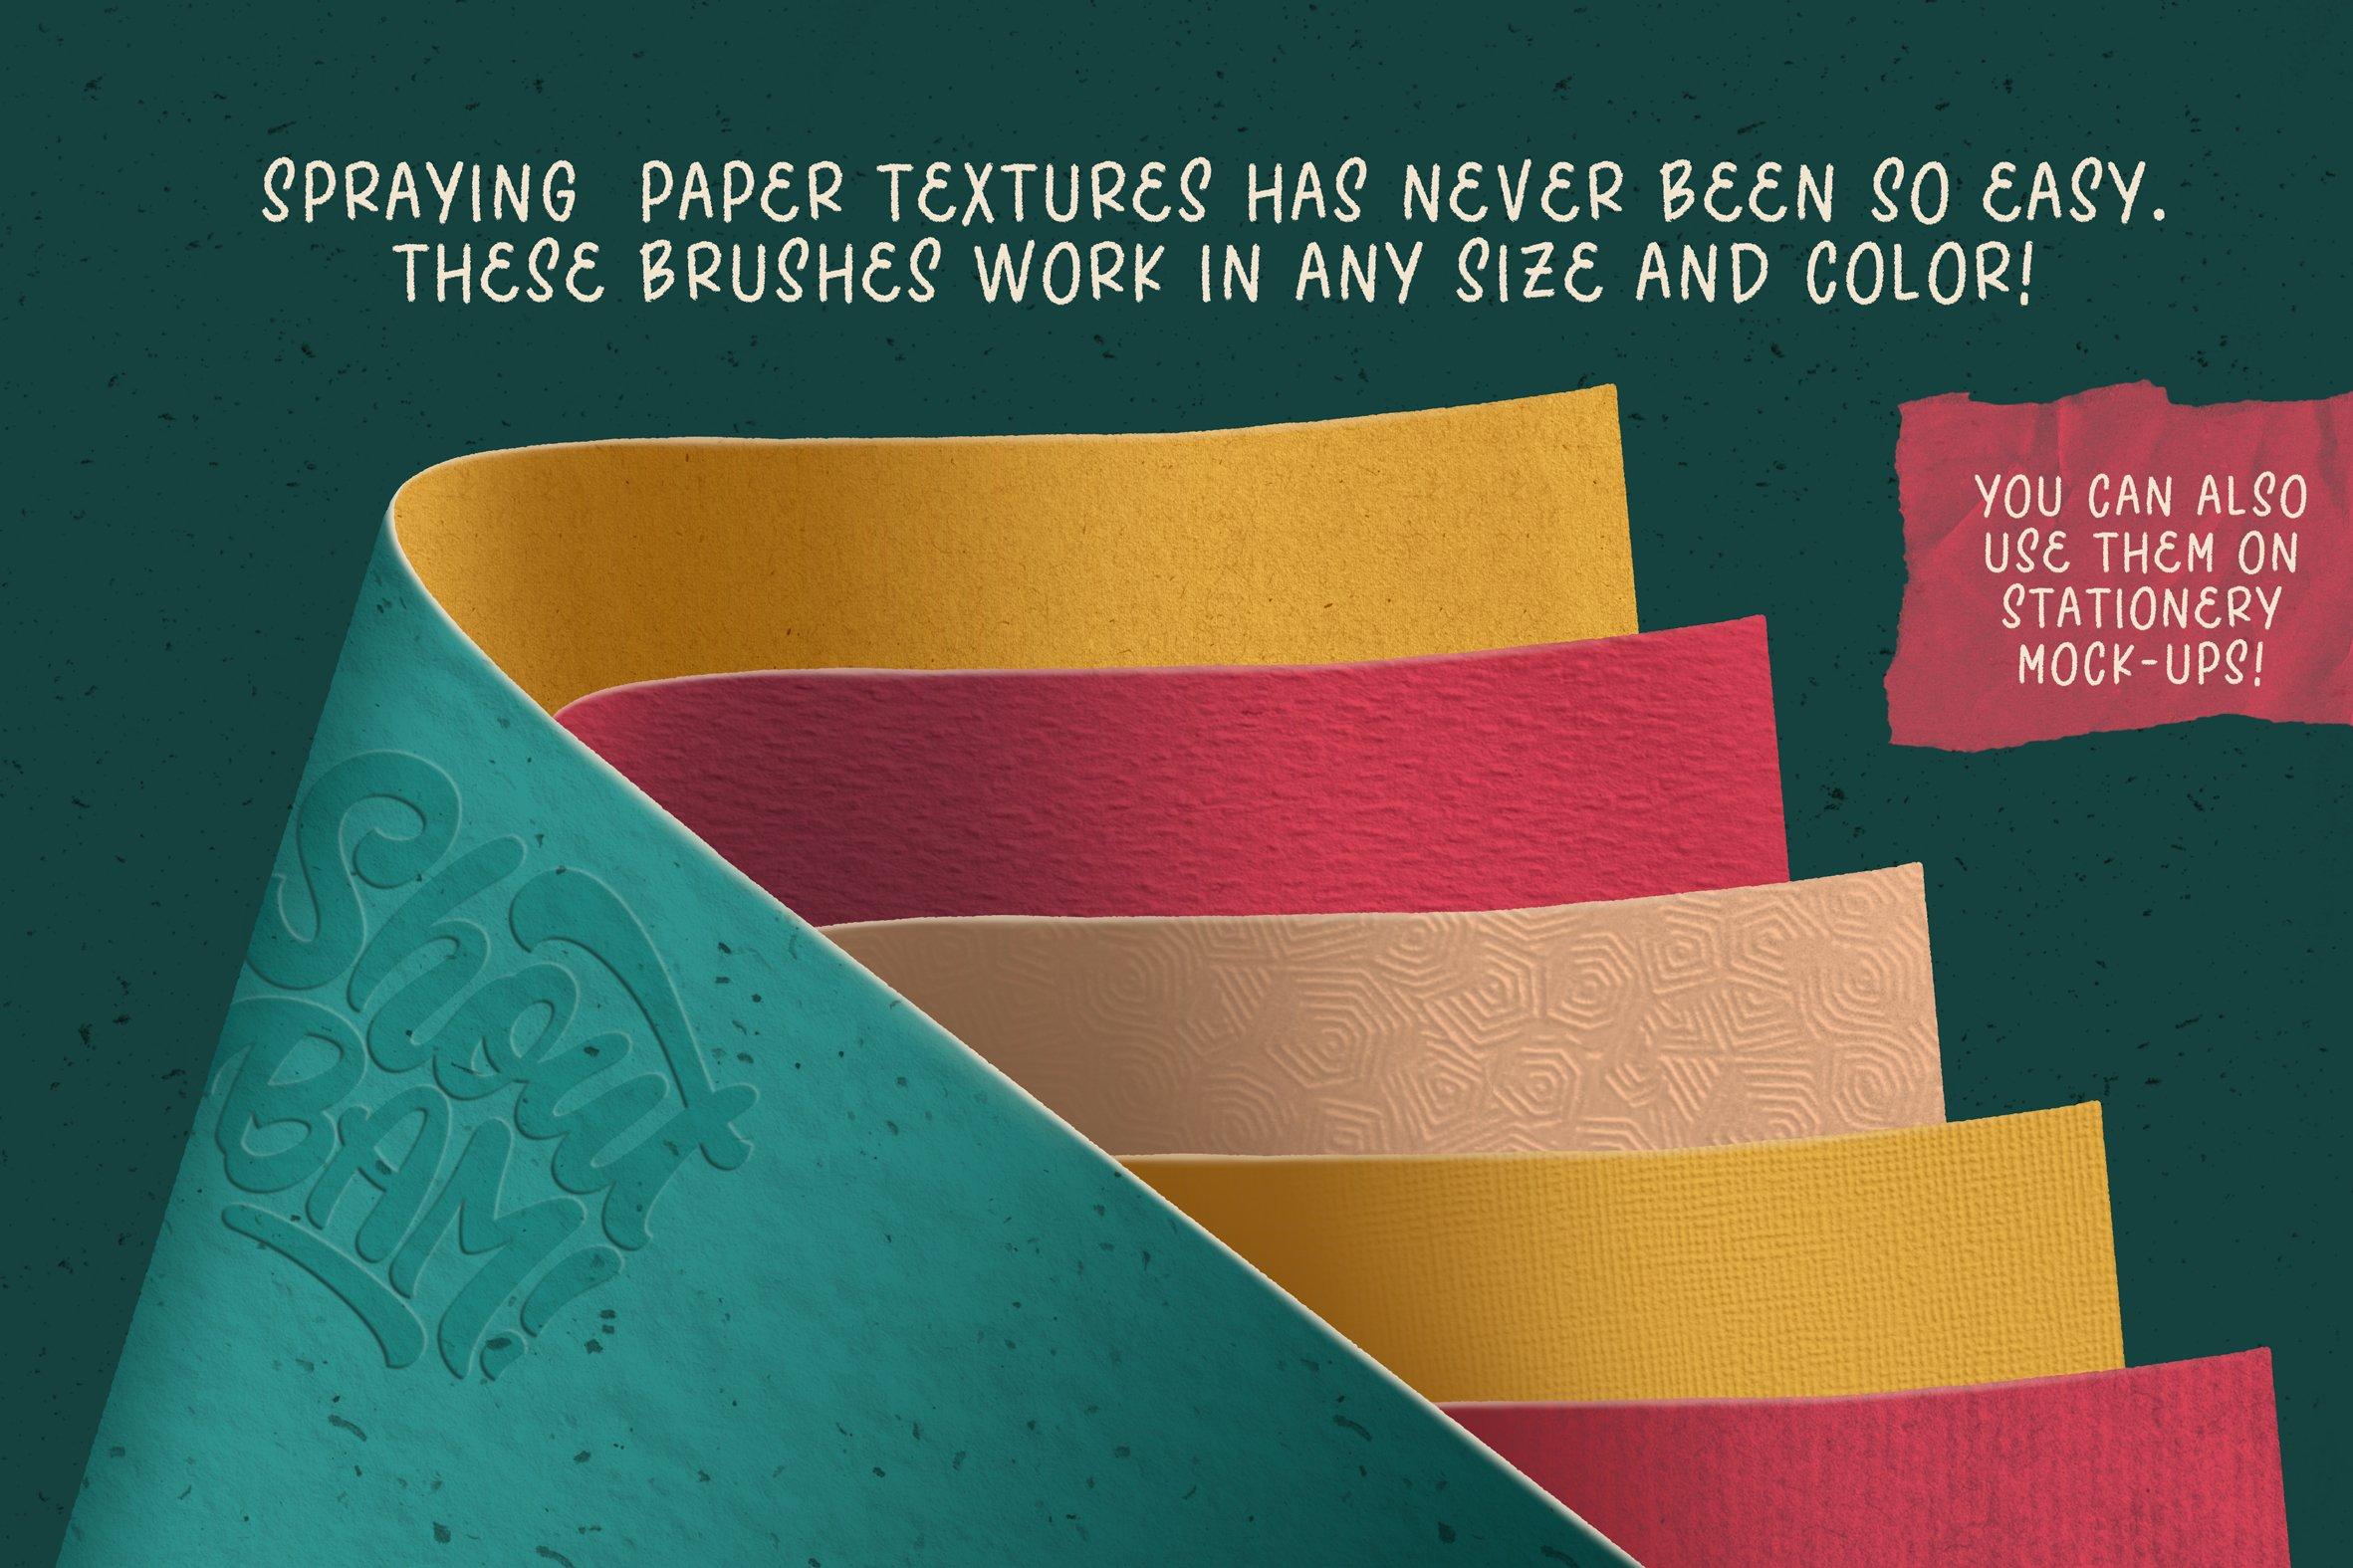 复古做旧颗粒撕纸纸张纹理iPad Procreate笔刷素材套装 The Ultimate Procreate Background Set插图10